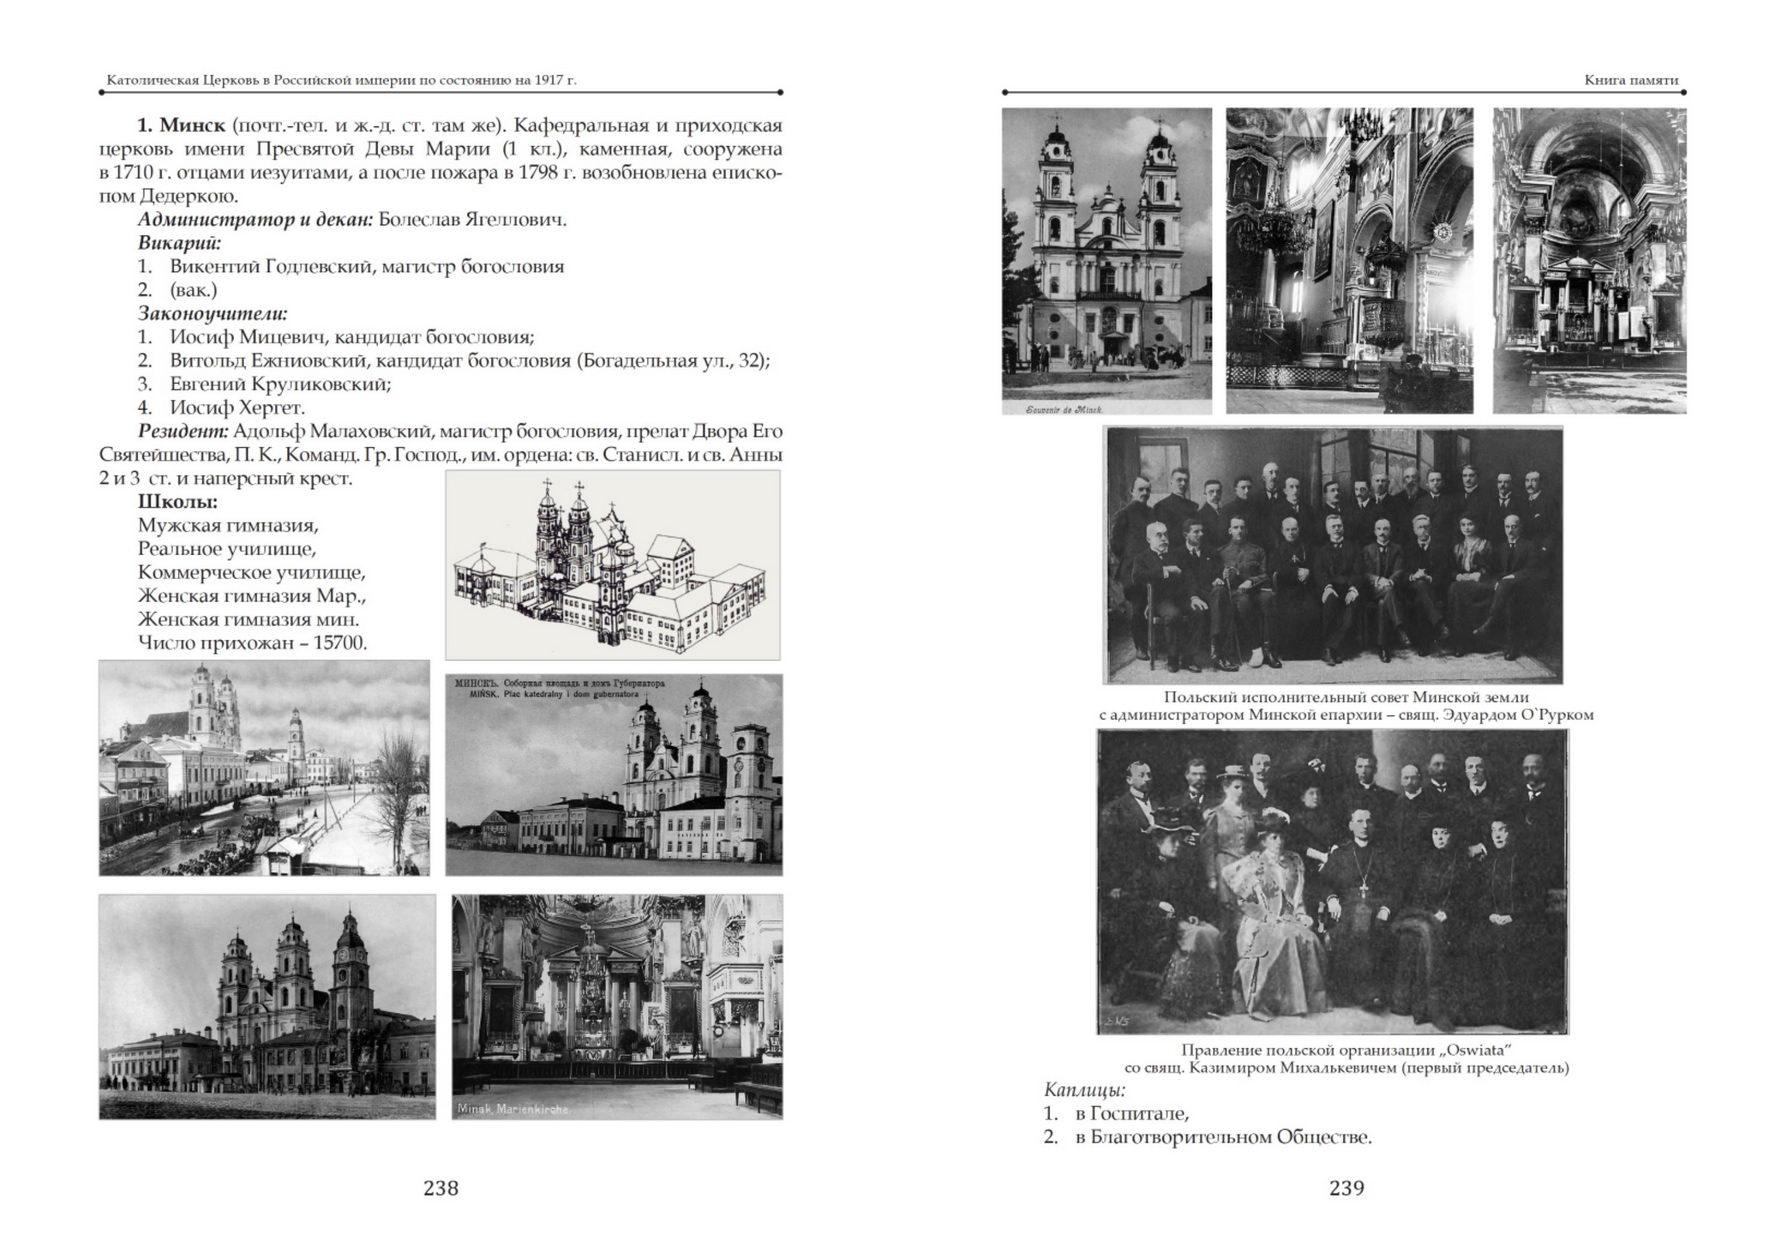 Издана книга, посвященная Католической Церкви в России накануне революции 1917 года и в Советский период 5